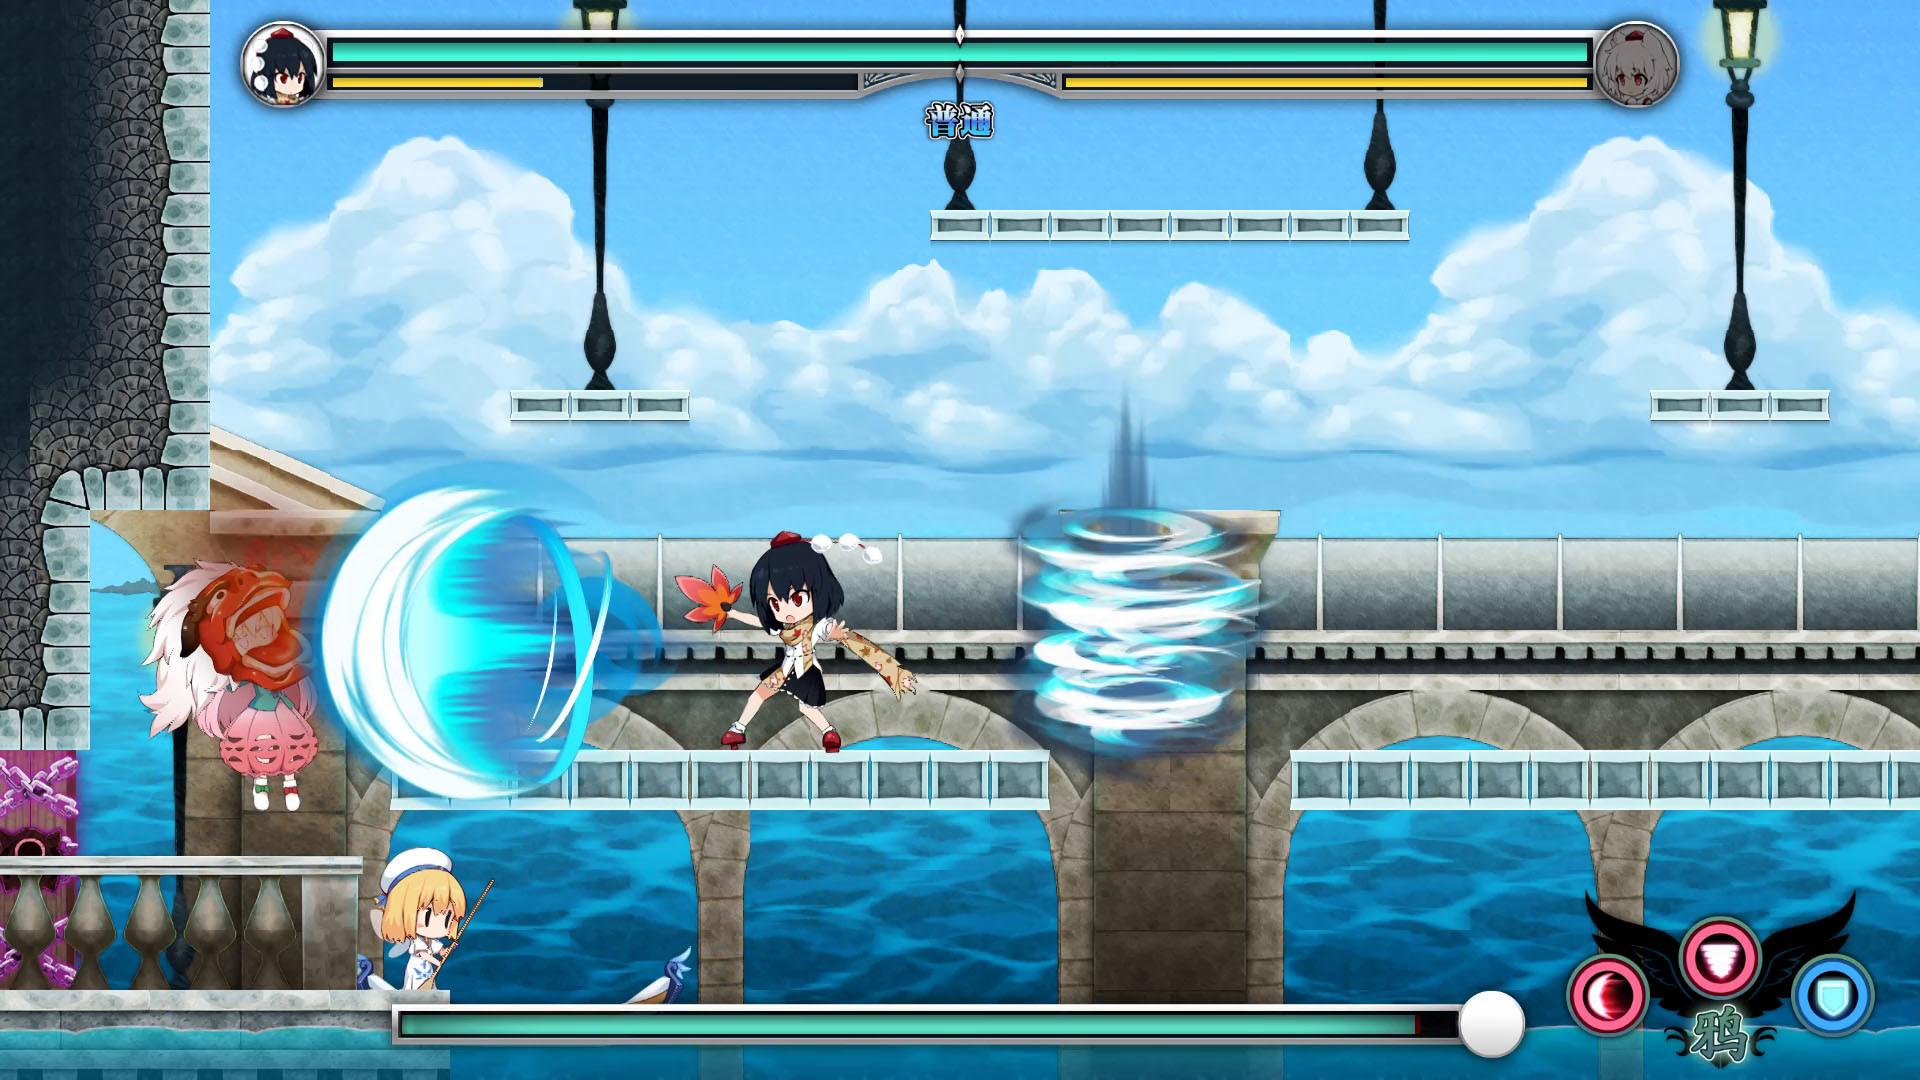 文与椛的弹丸取材纪行/Touhou Double Focus(全DLC高级限定特典版-更新修复-原声音轨+插画集)插图5